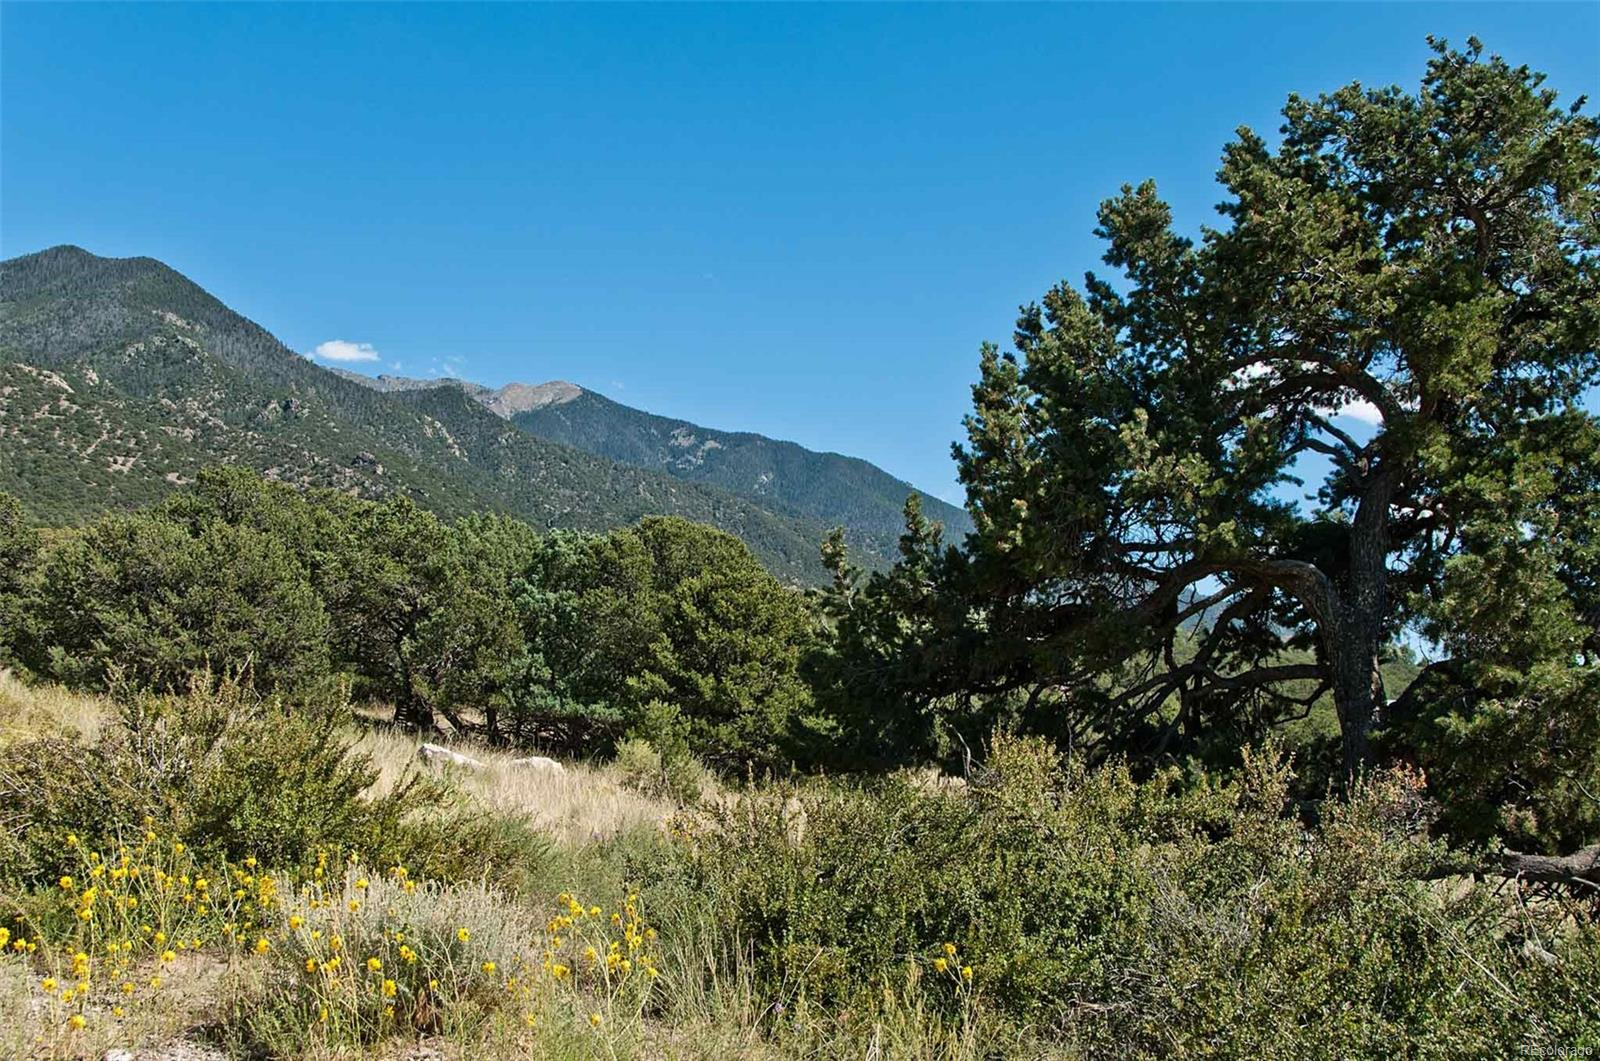 2032 Lost Cave Way, Crestone, CO 81131 - Crestone, CO real estate listing